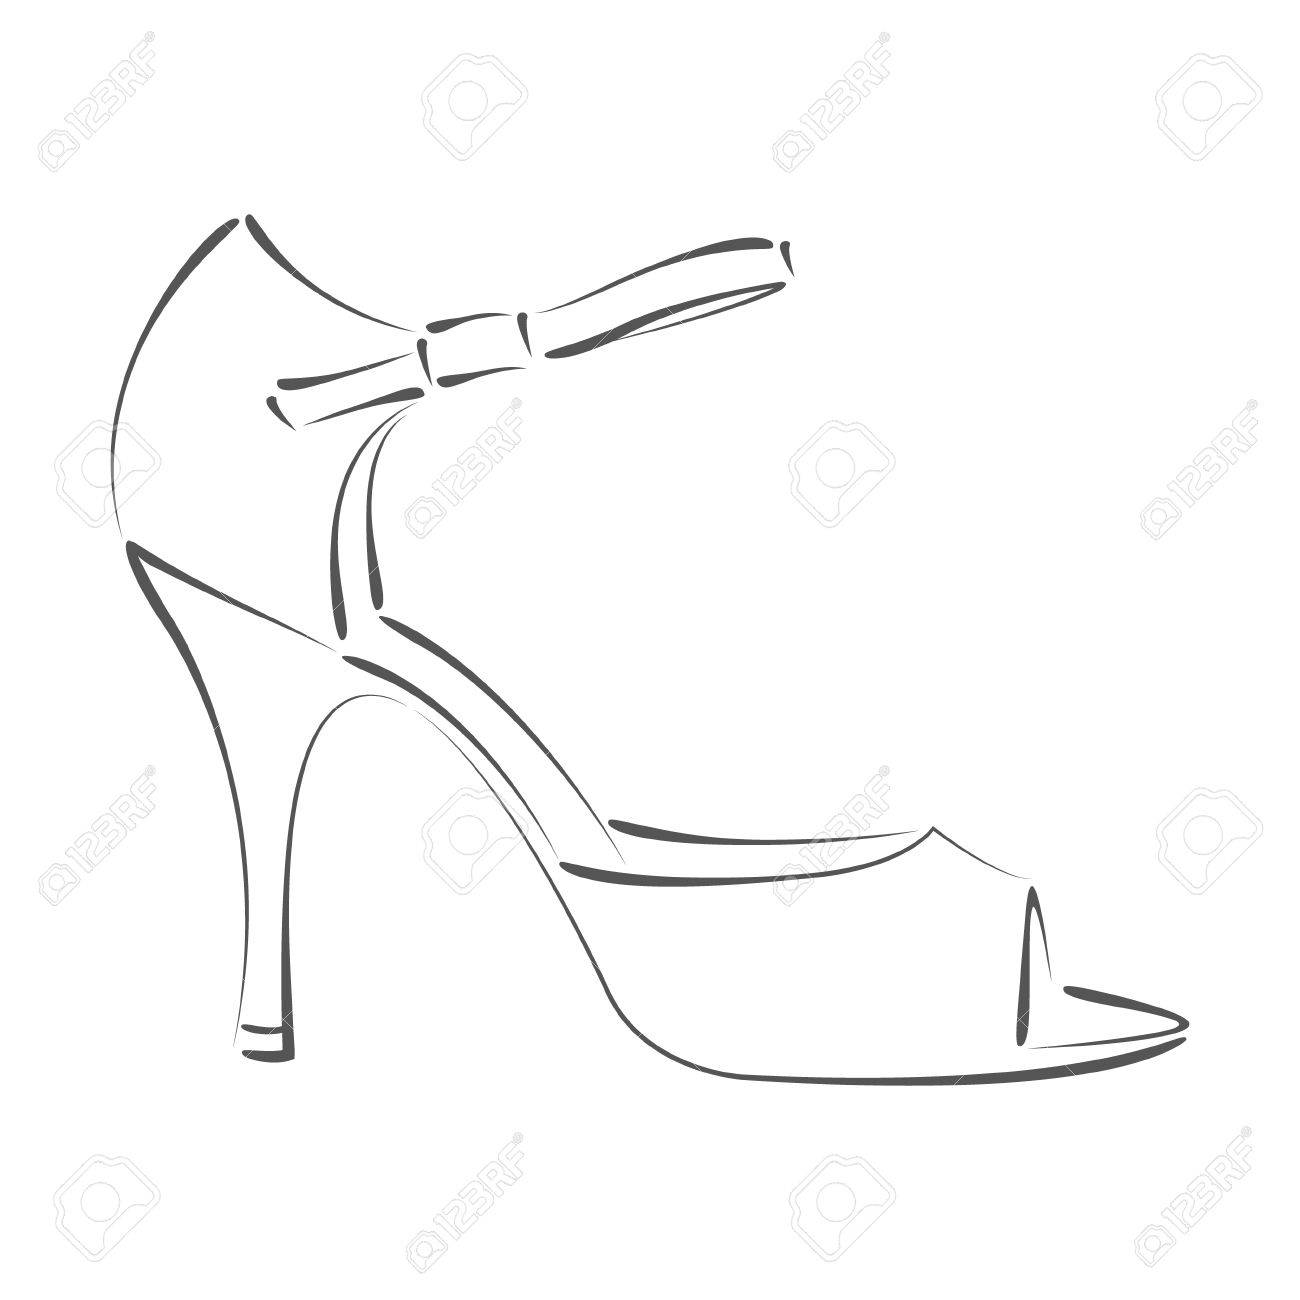 Elegante De EtiquetaBanderaTarjetas Diseño Postales ArgentinoPlantilla Mujer Dibujada La SZapatos Baile Tango Zapato QrdsCth